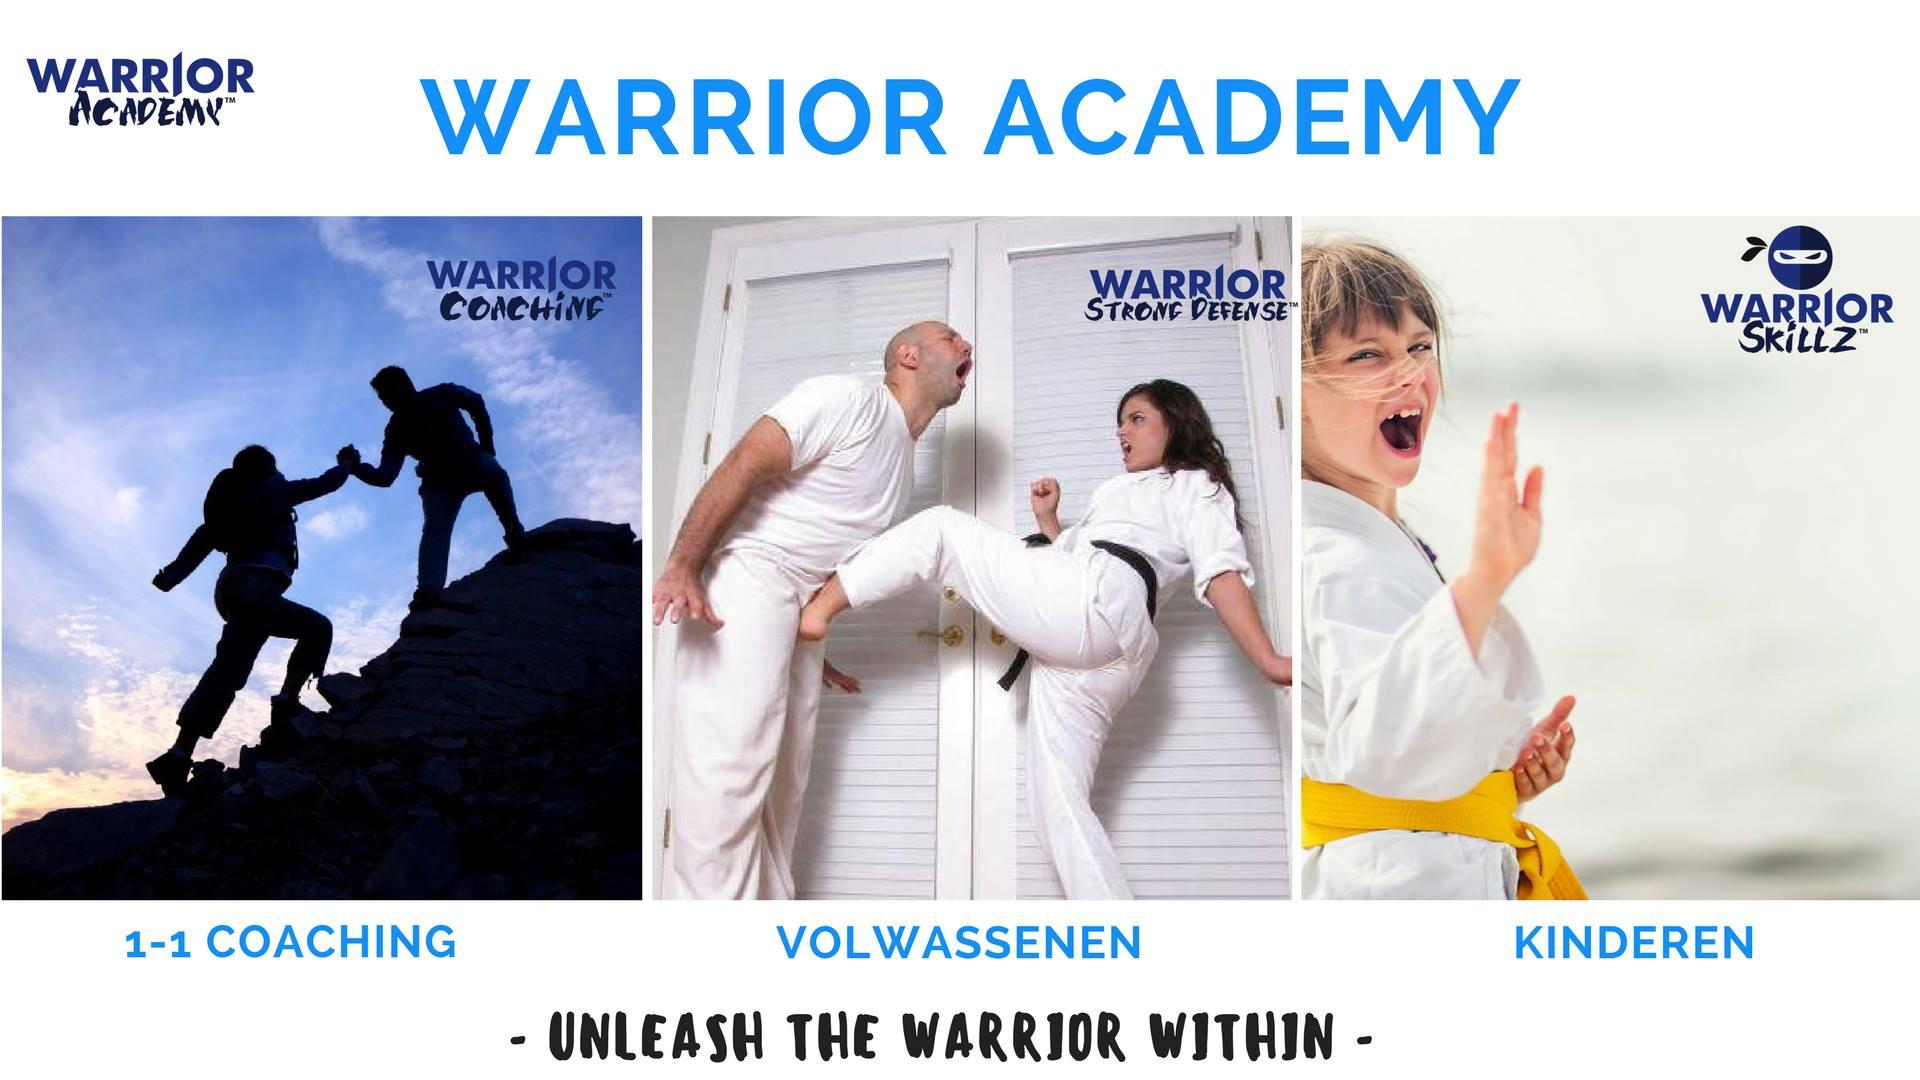 (18) Warrior Academy - Vechtkunst en Persoonlijke Ontwikkeling - Startpagina.jpg